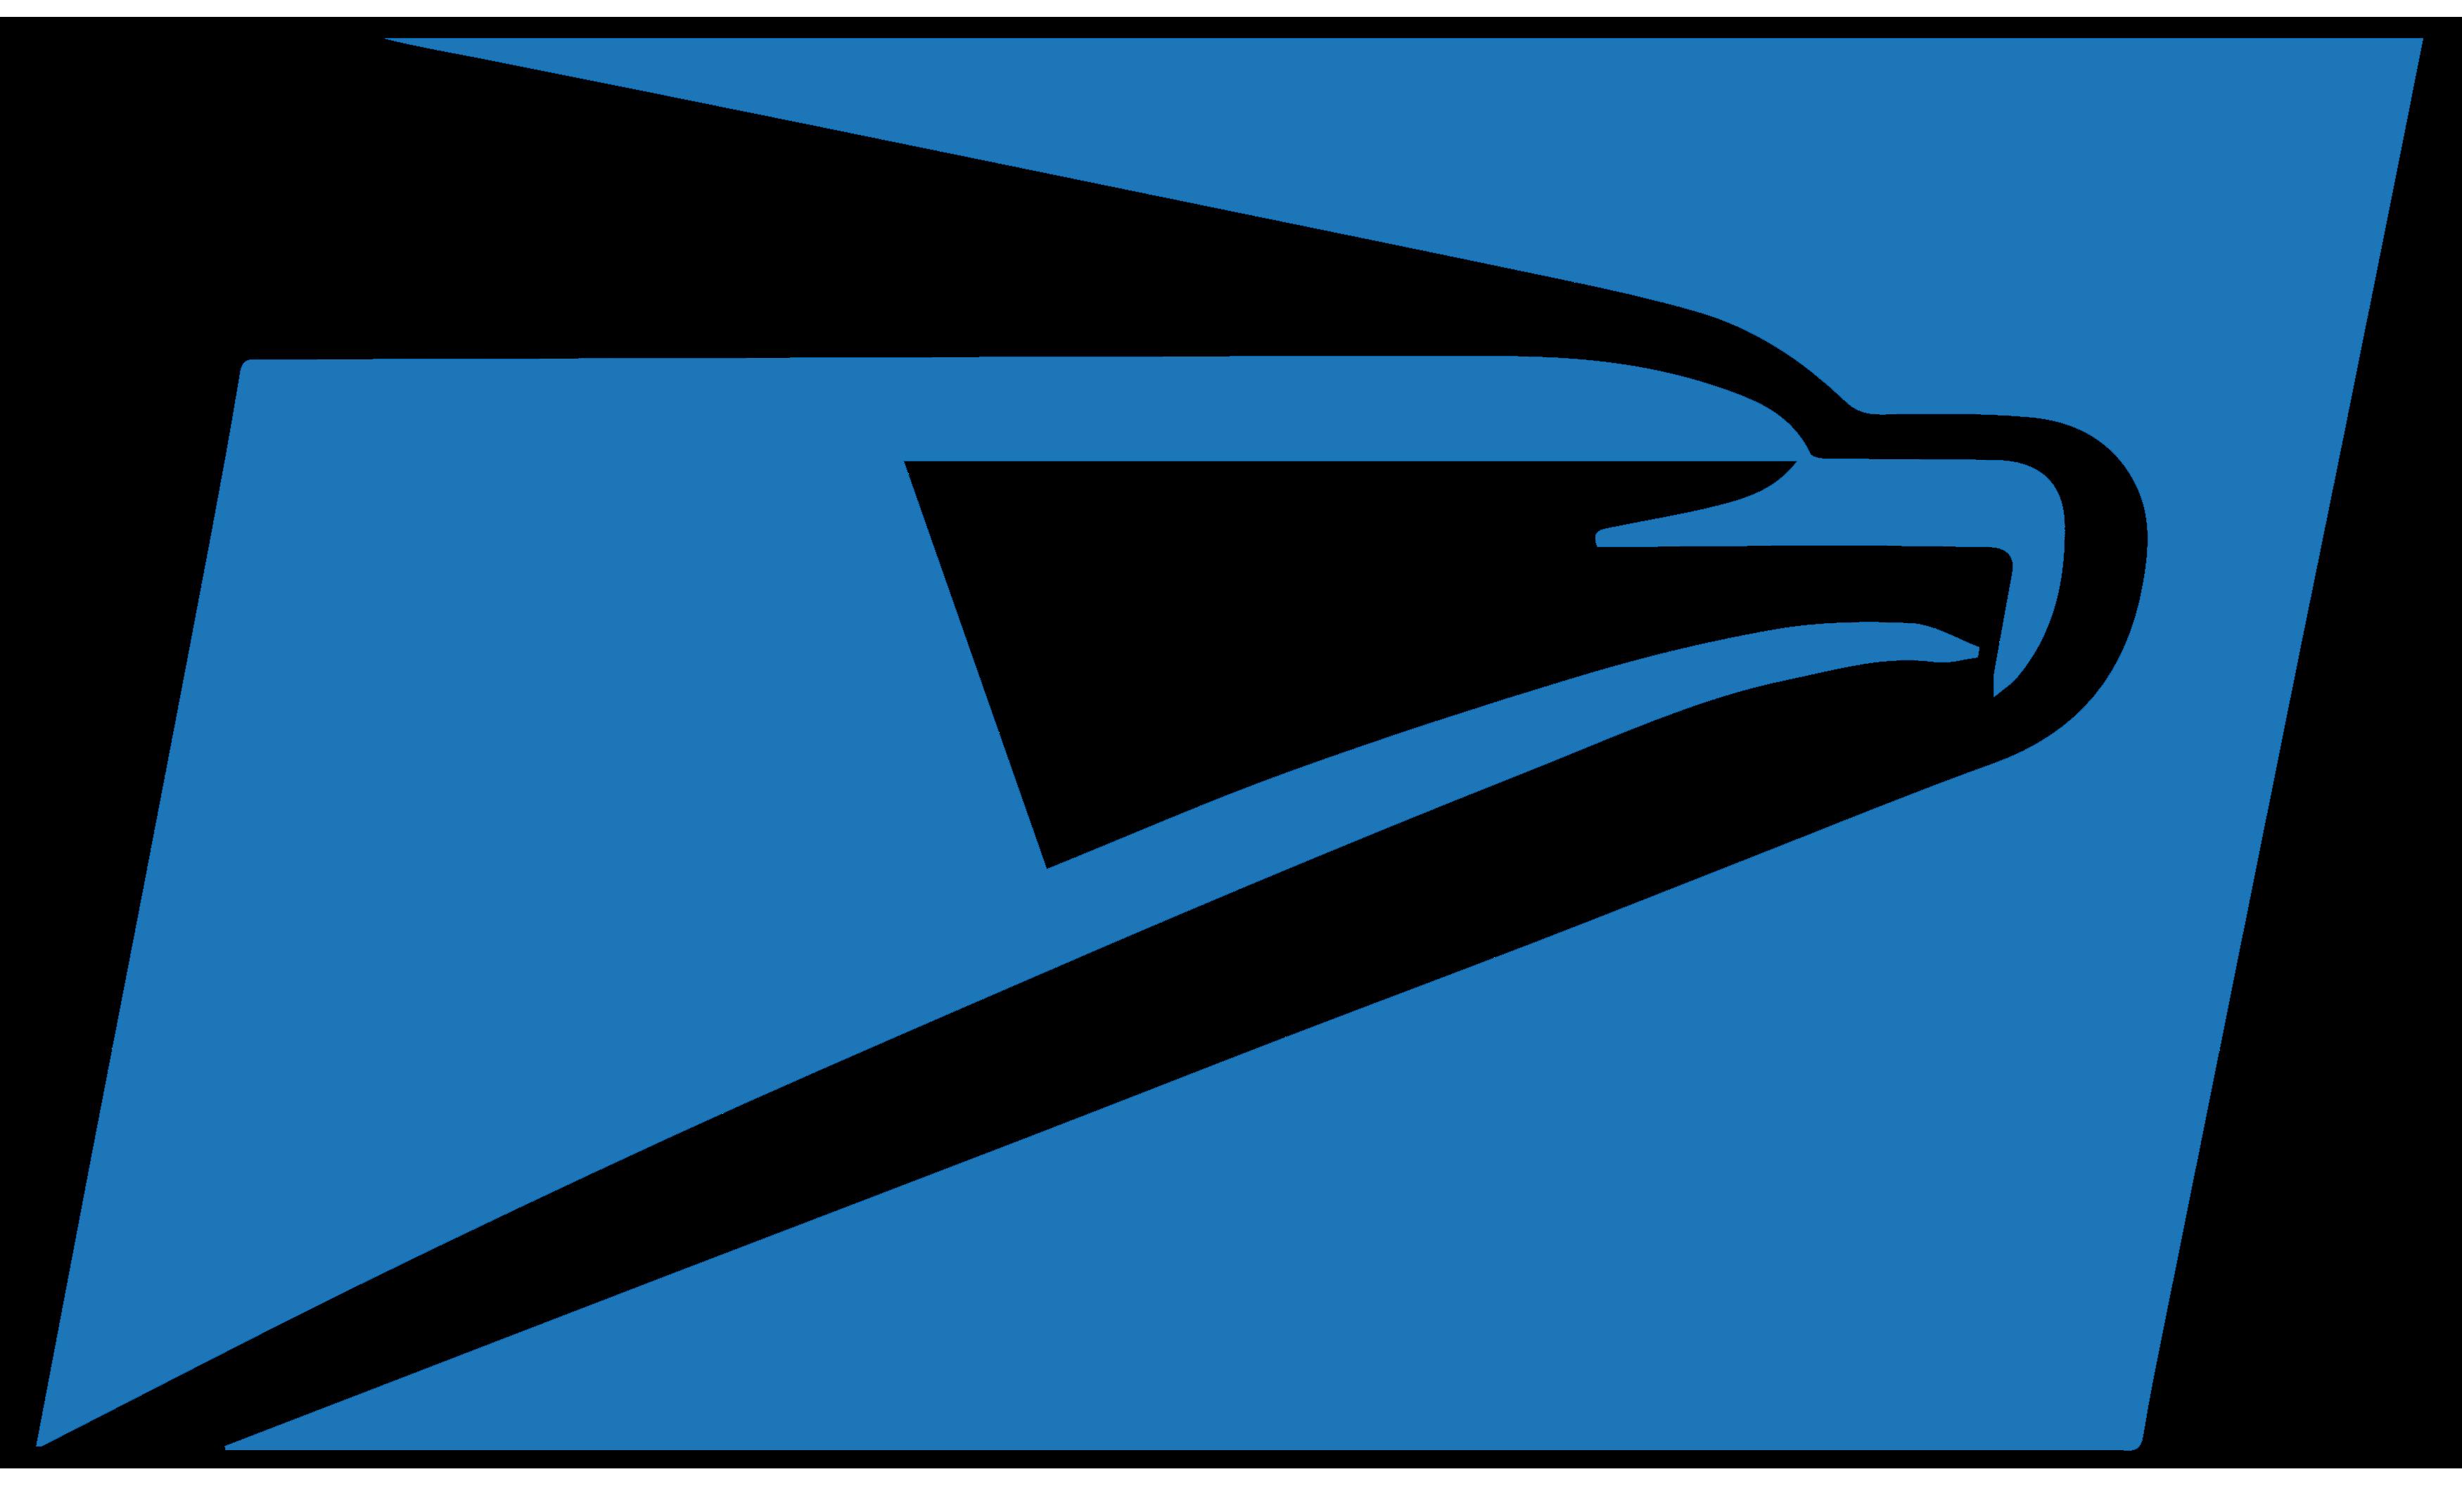 usps � logos download